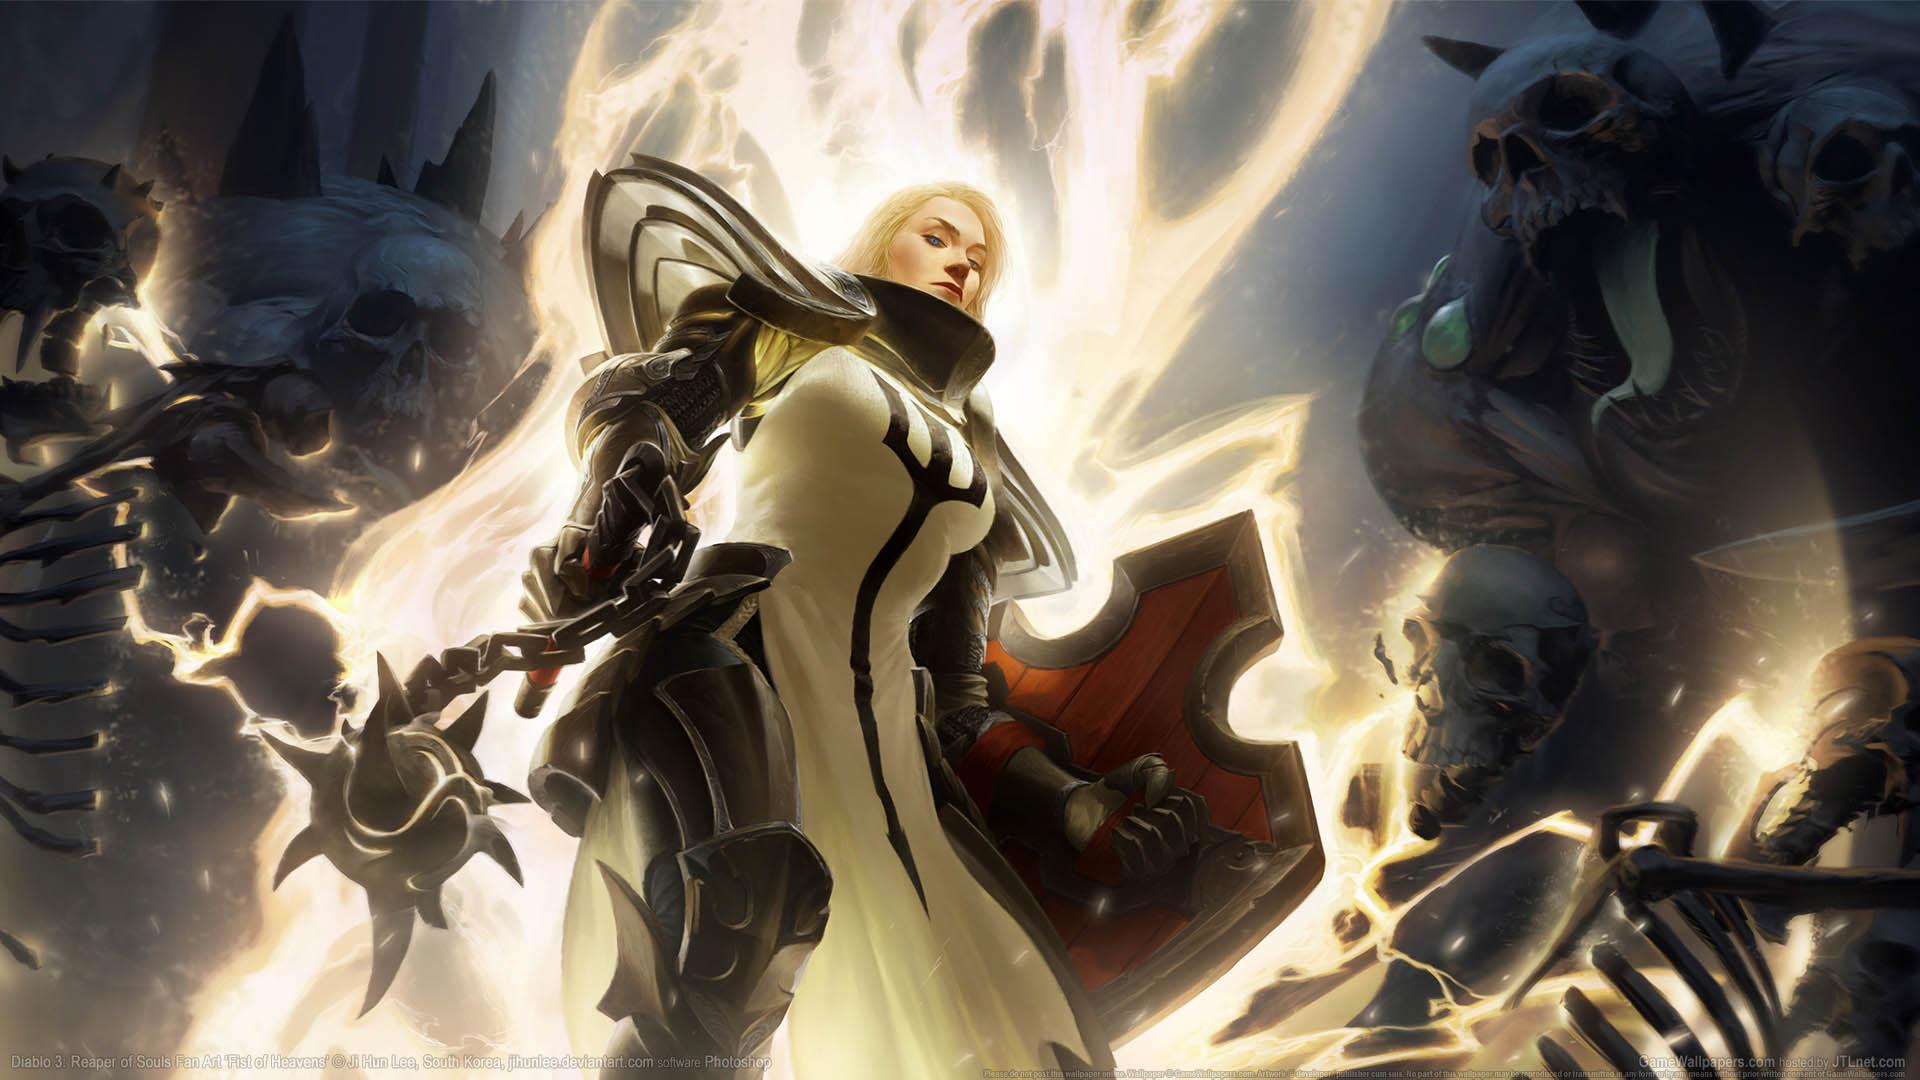 how to get wings in diablo 3 reaper of souls